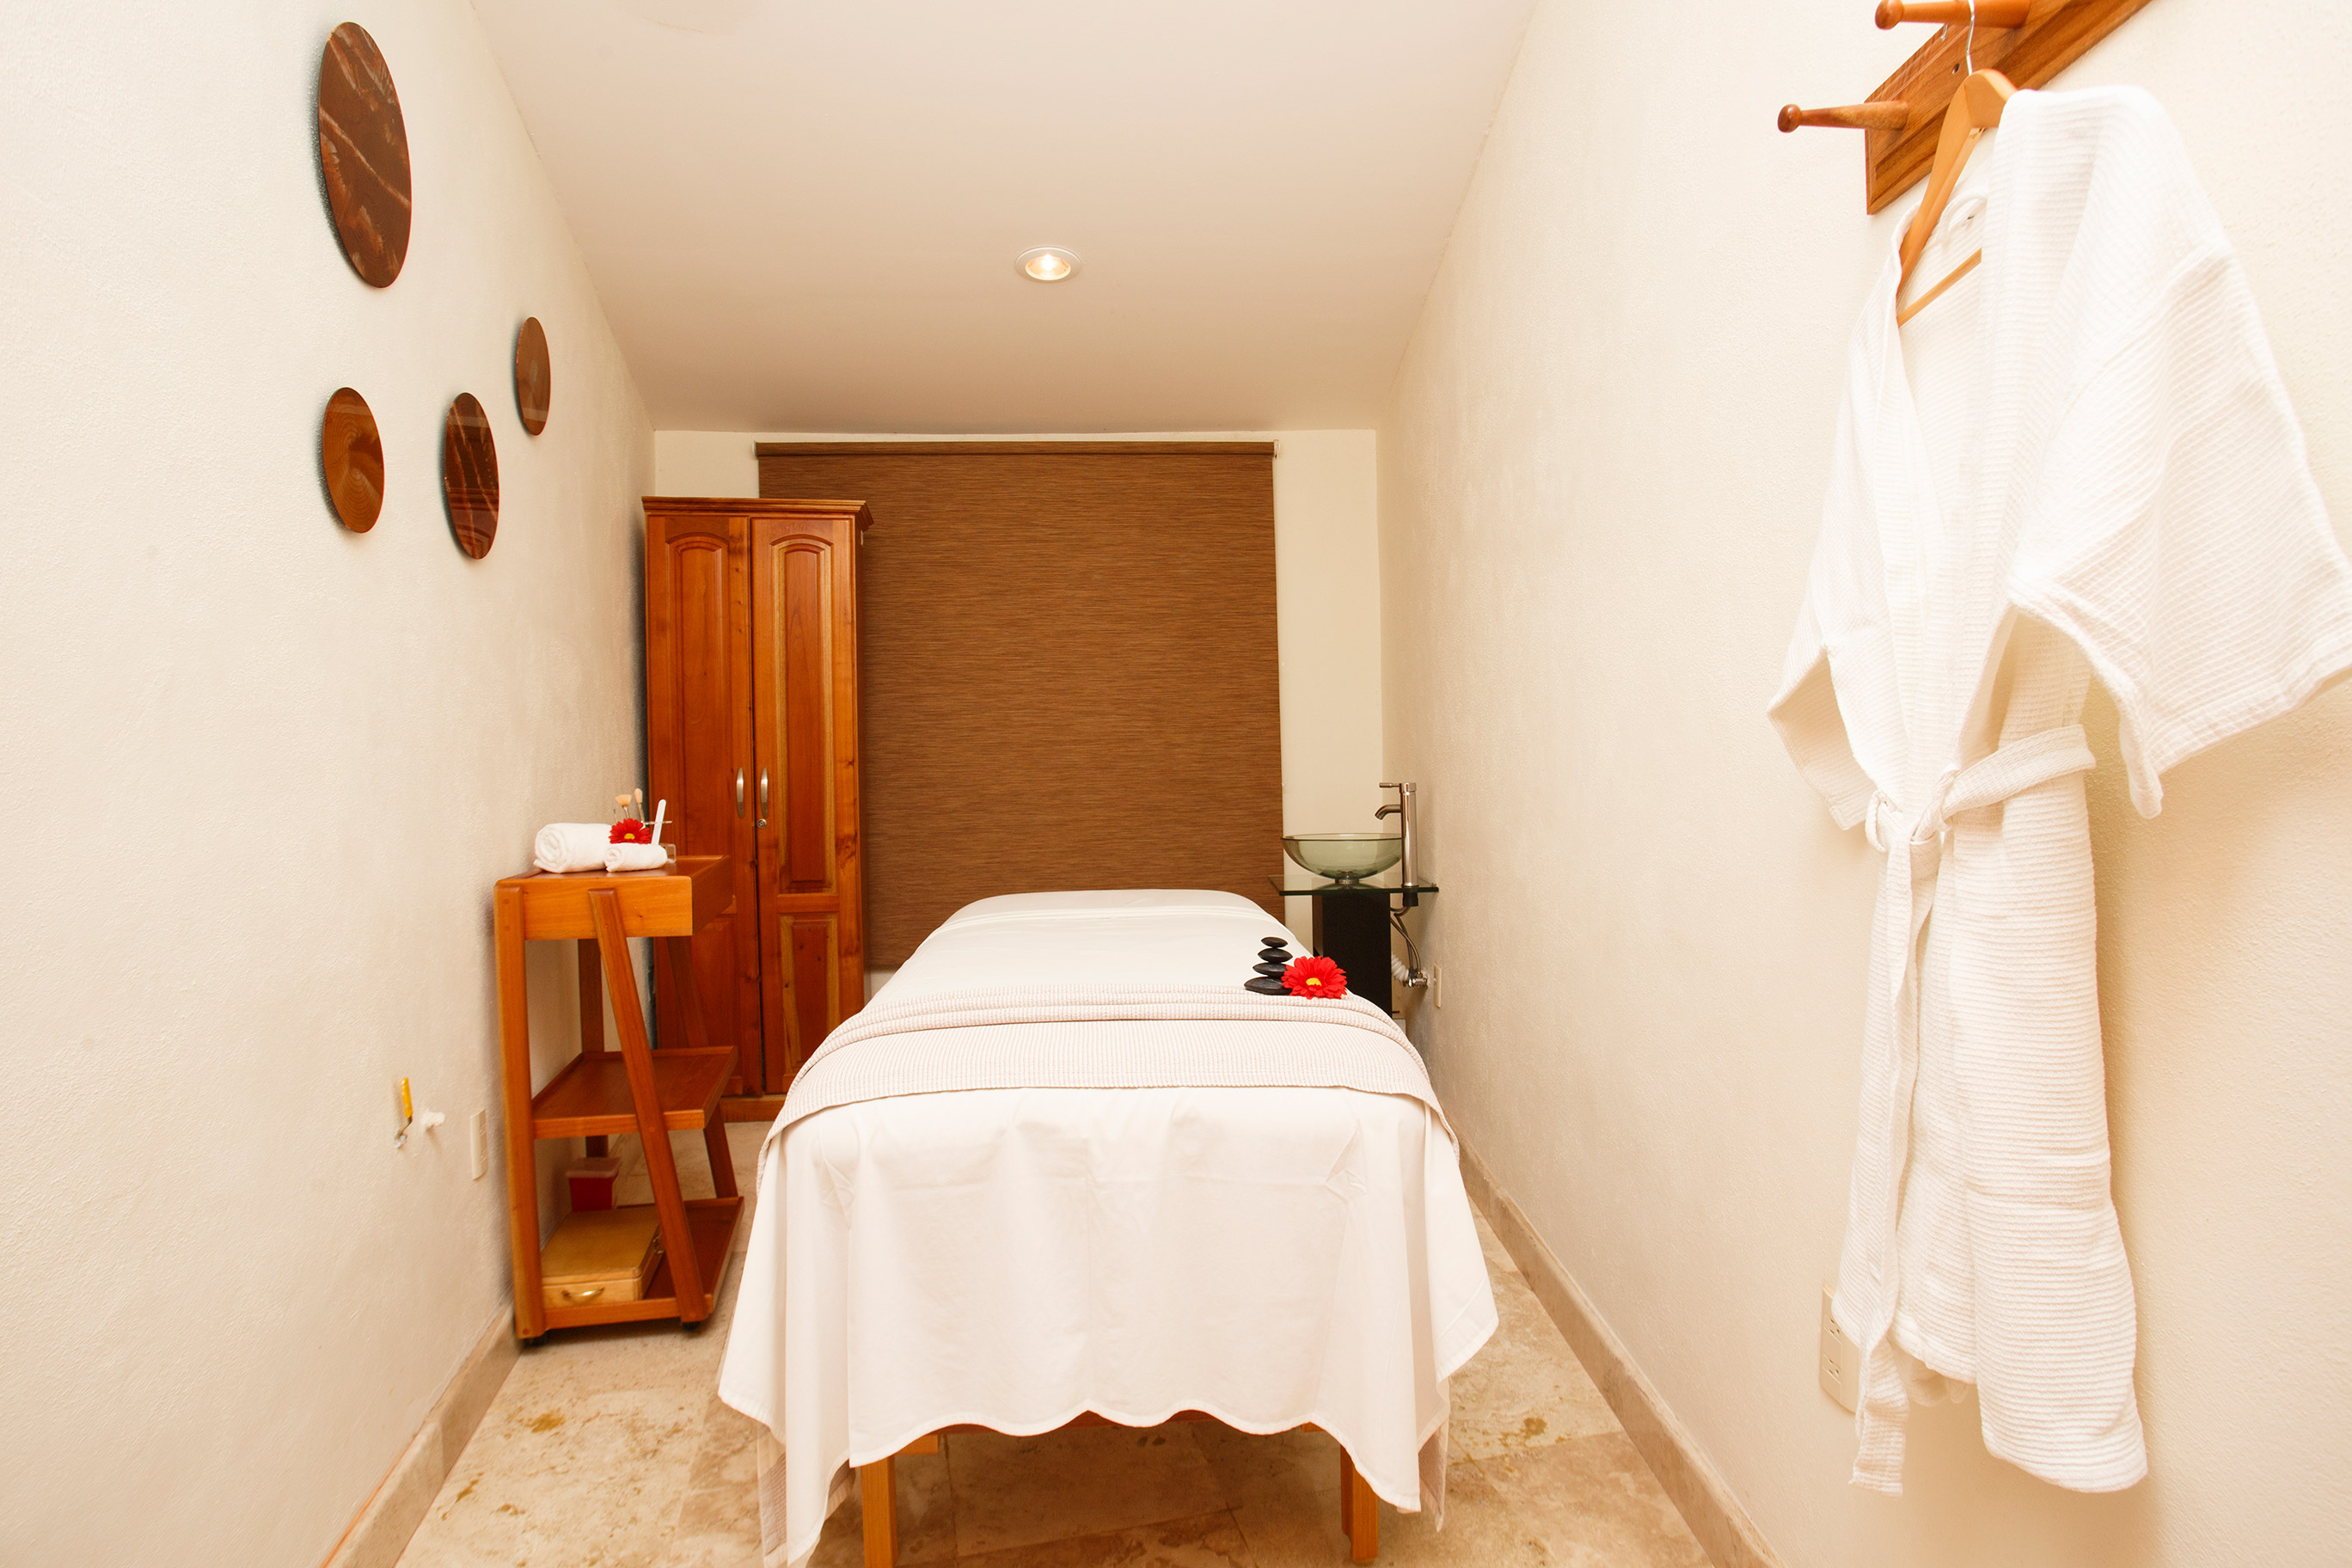 Cabina de masaje Quinta Sauz